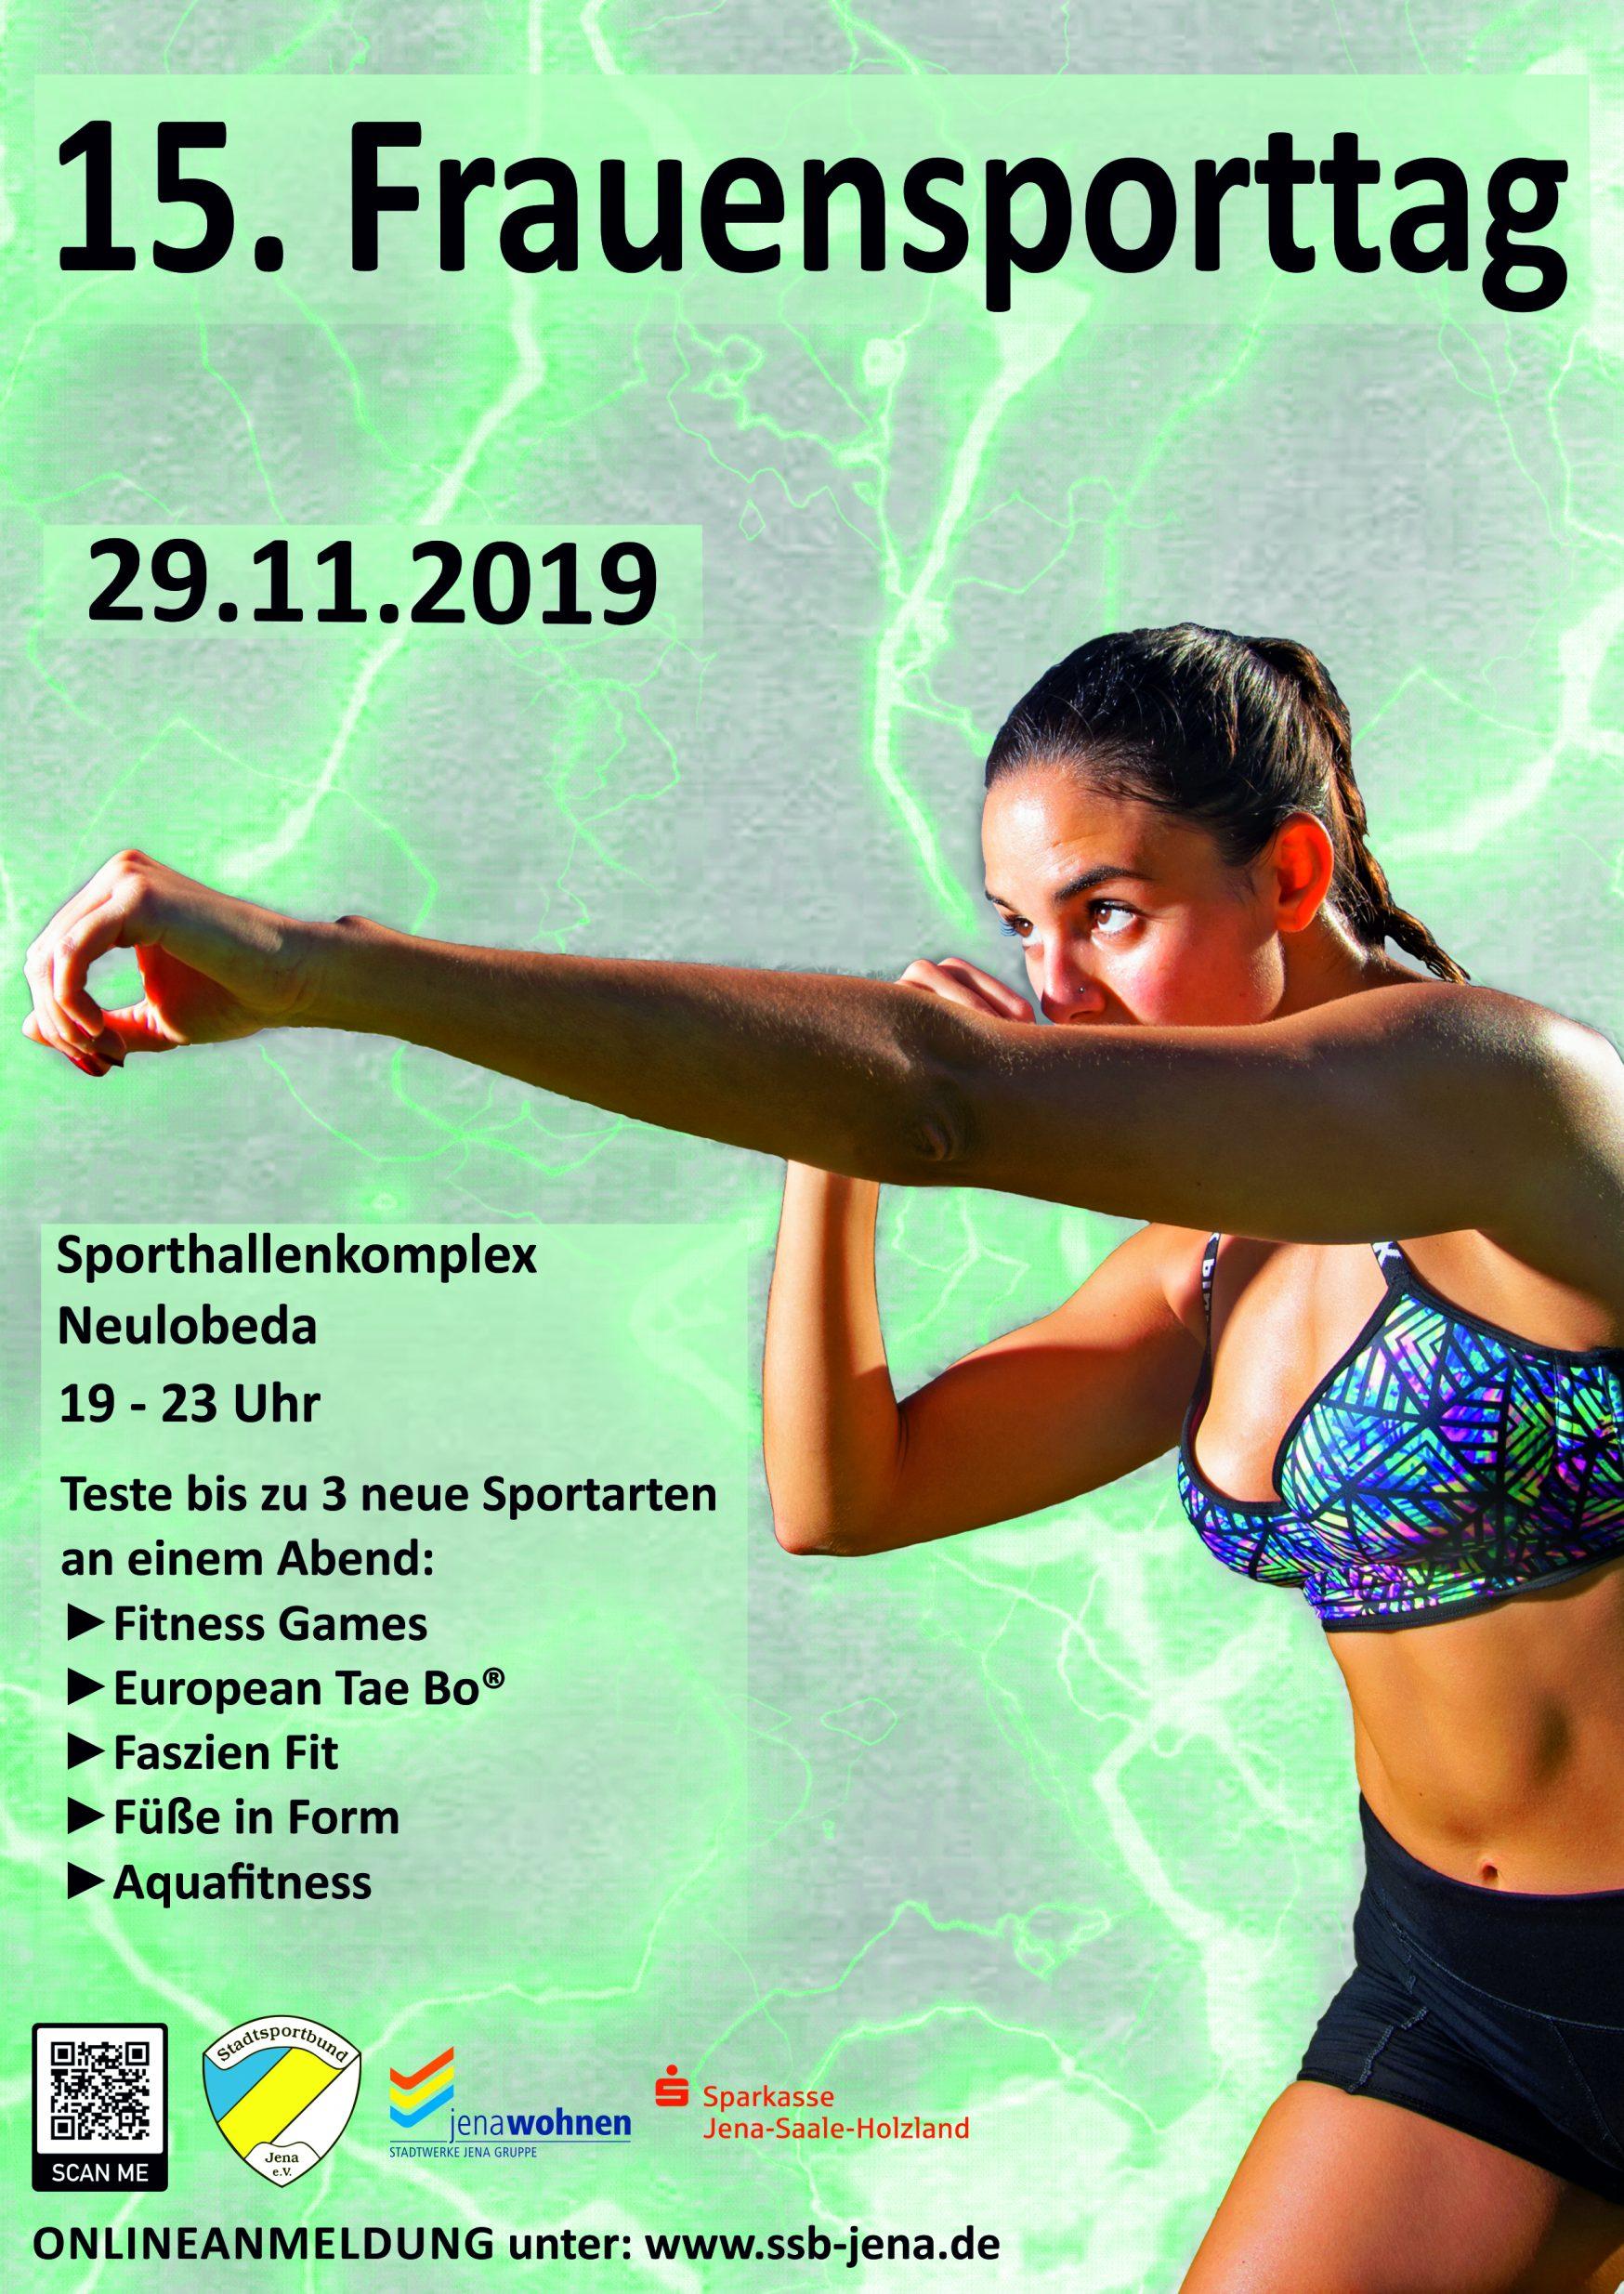 15. Frauensporttag